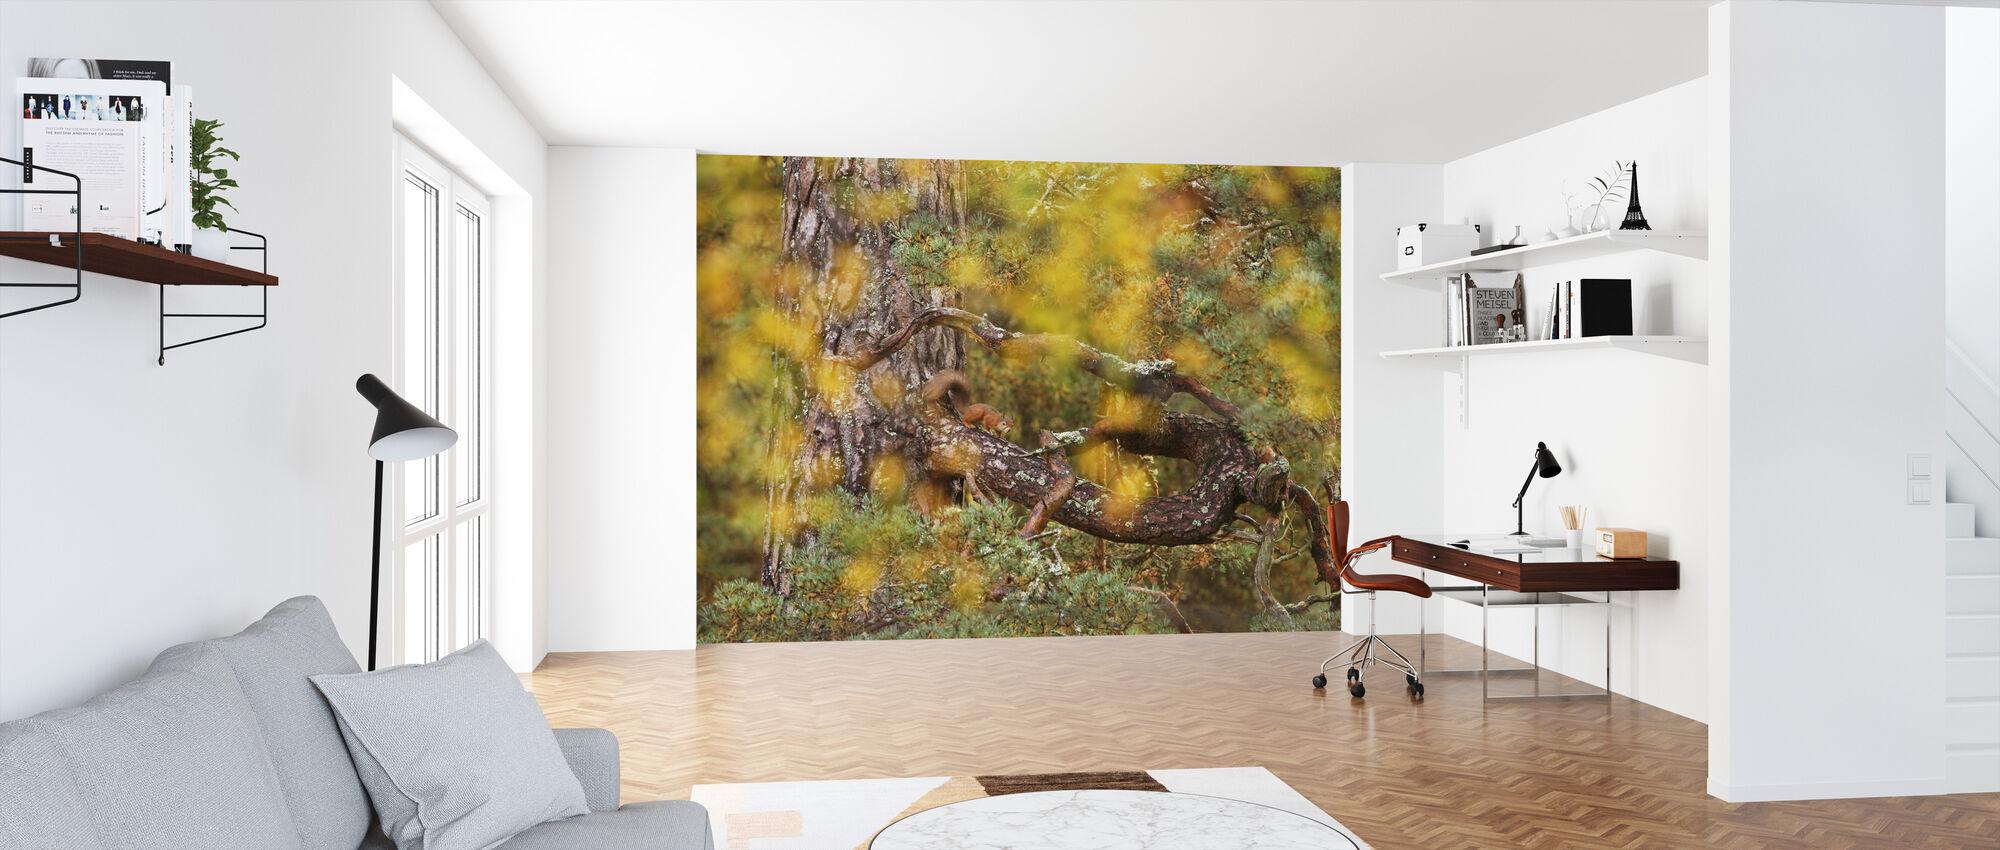 Puna-orava Vanhalla Mäntypuulla - Tapetti - Toimisto